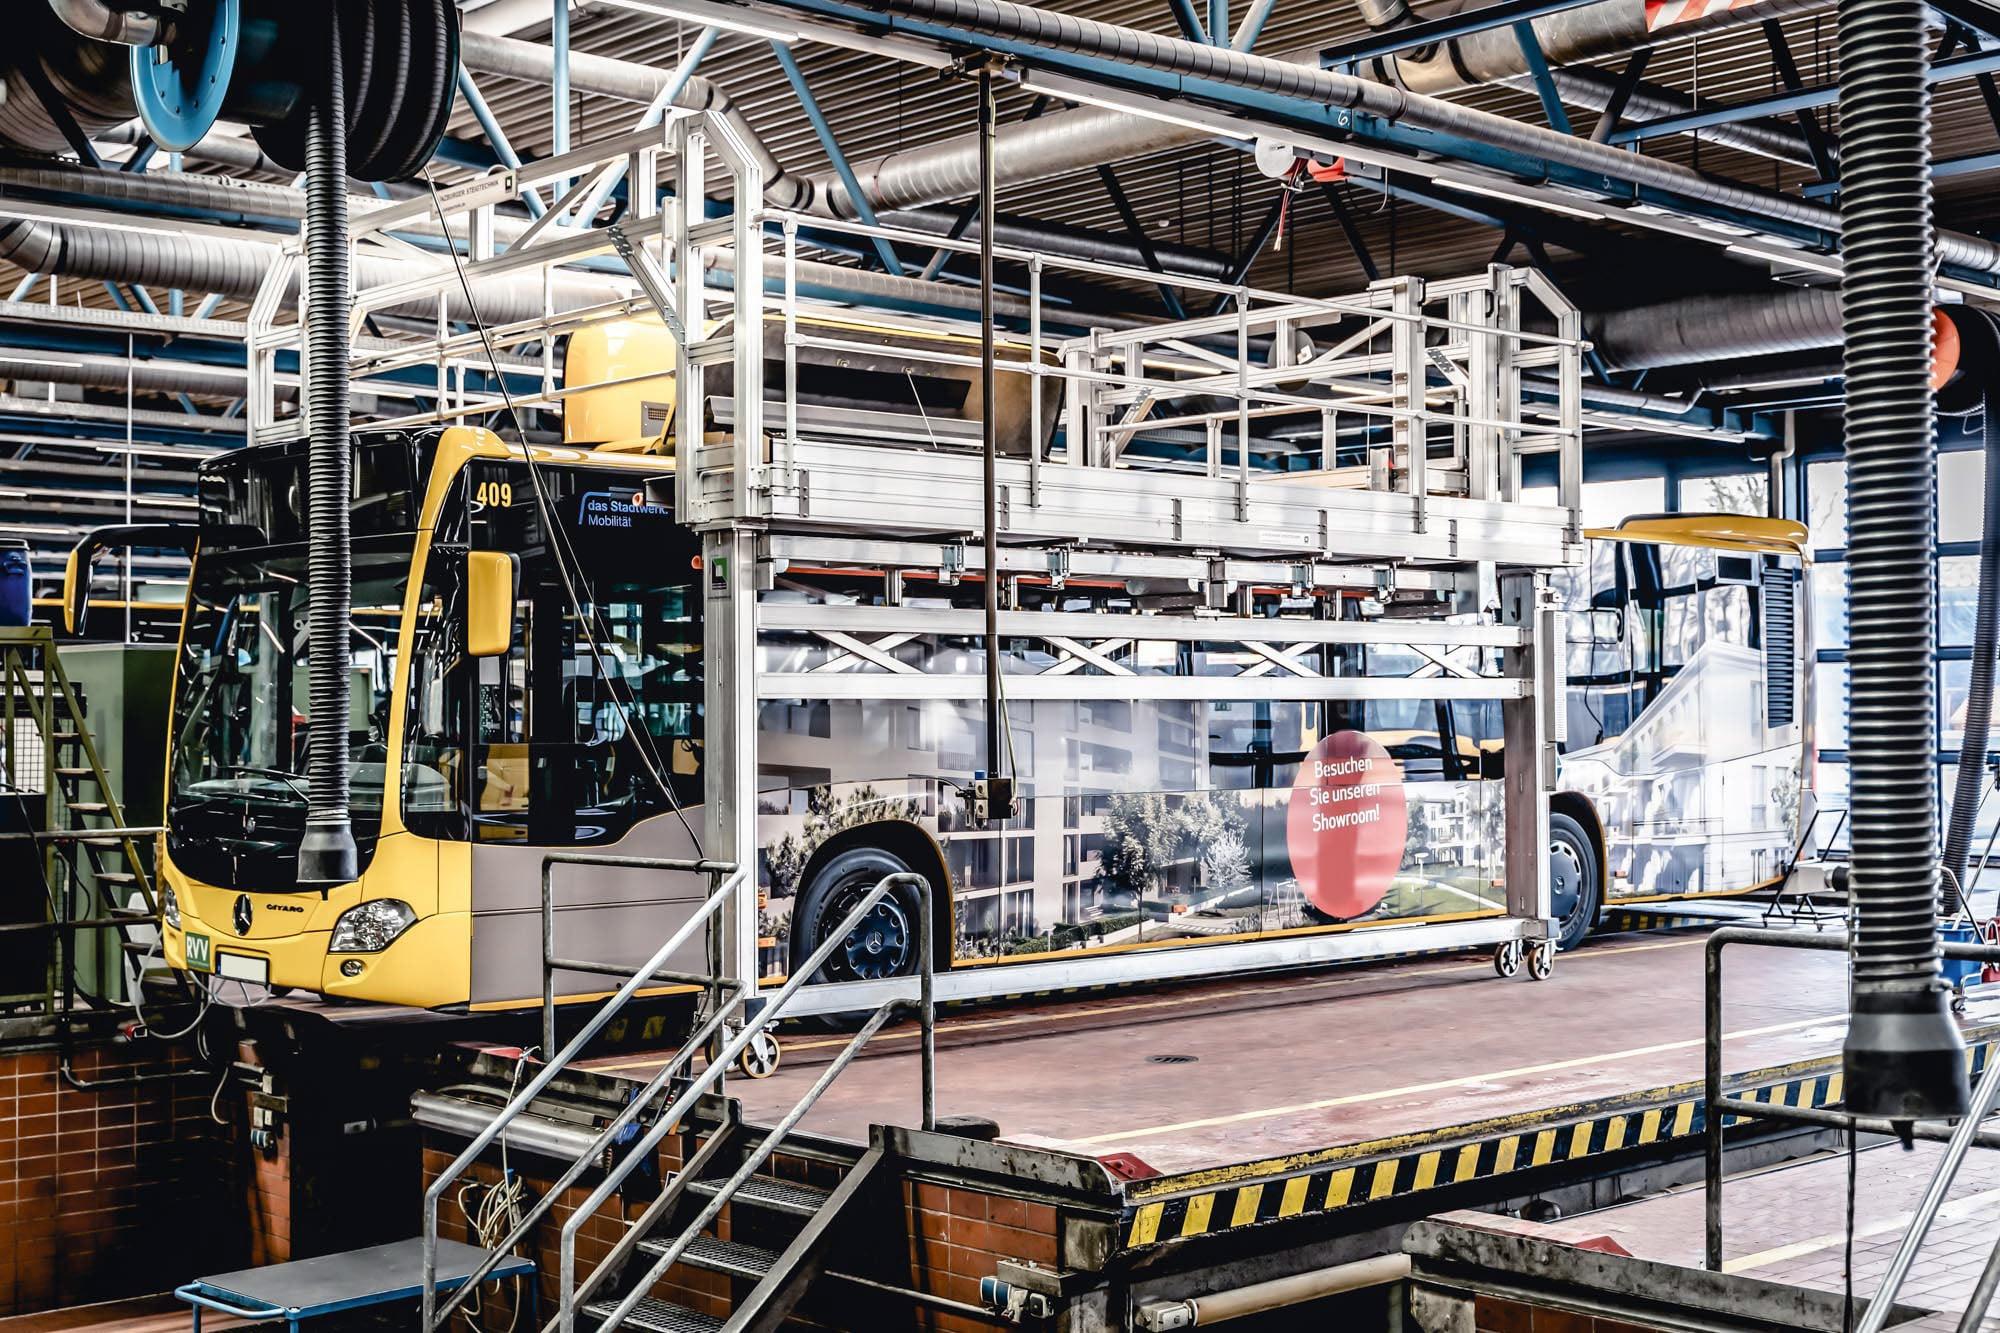 In Zukunft sicher arbeiten:  Mit innovativer Steigtechnik – Günzburger Steigtechnik blickt auf erfolgreiches Jahr 2019 zurück und investiert weiter nachhaltig in Forschung und Entwicklung